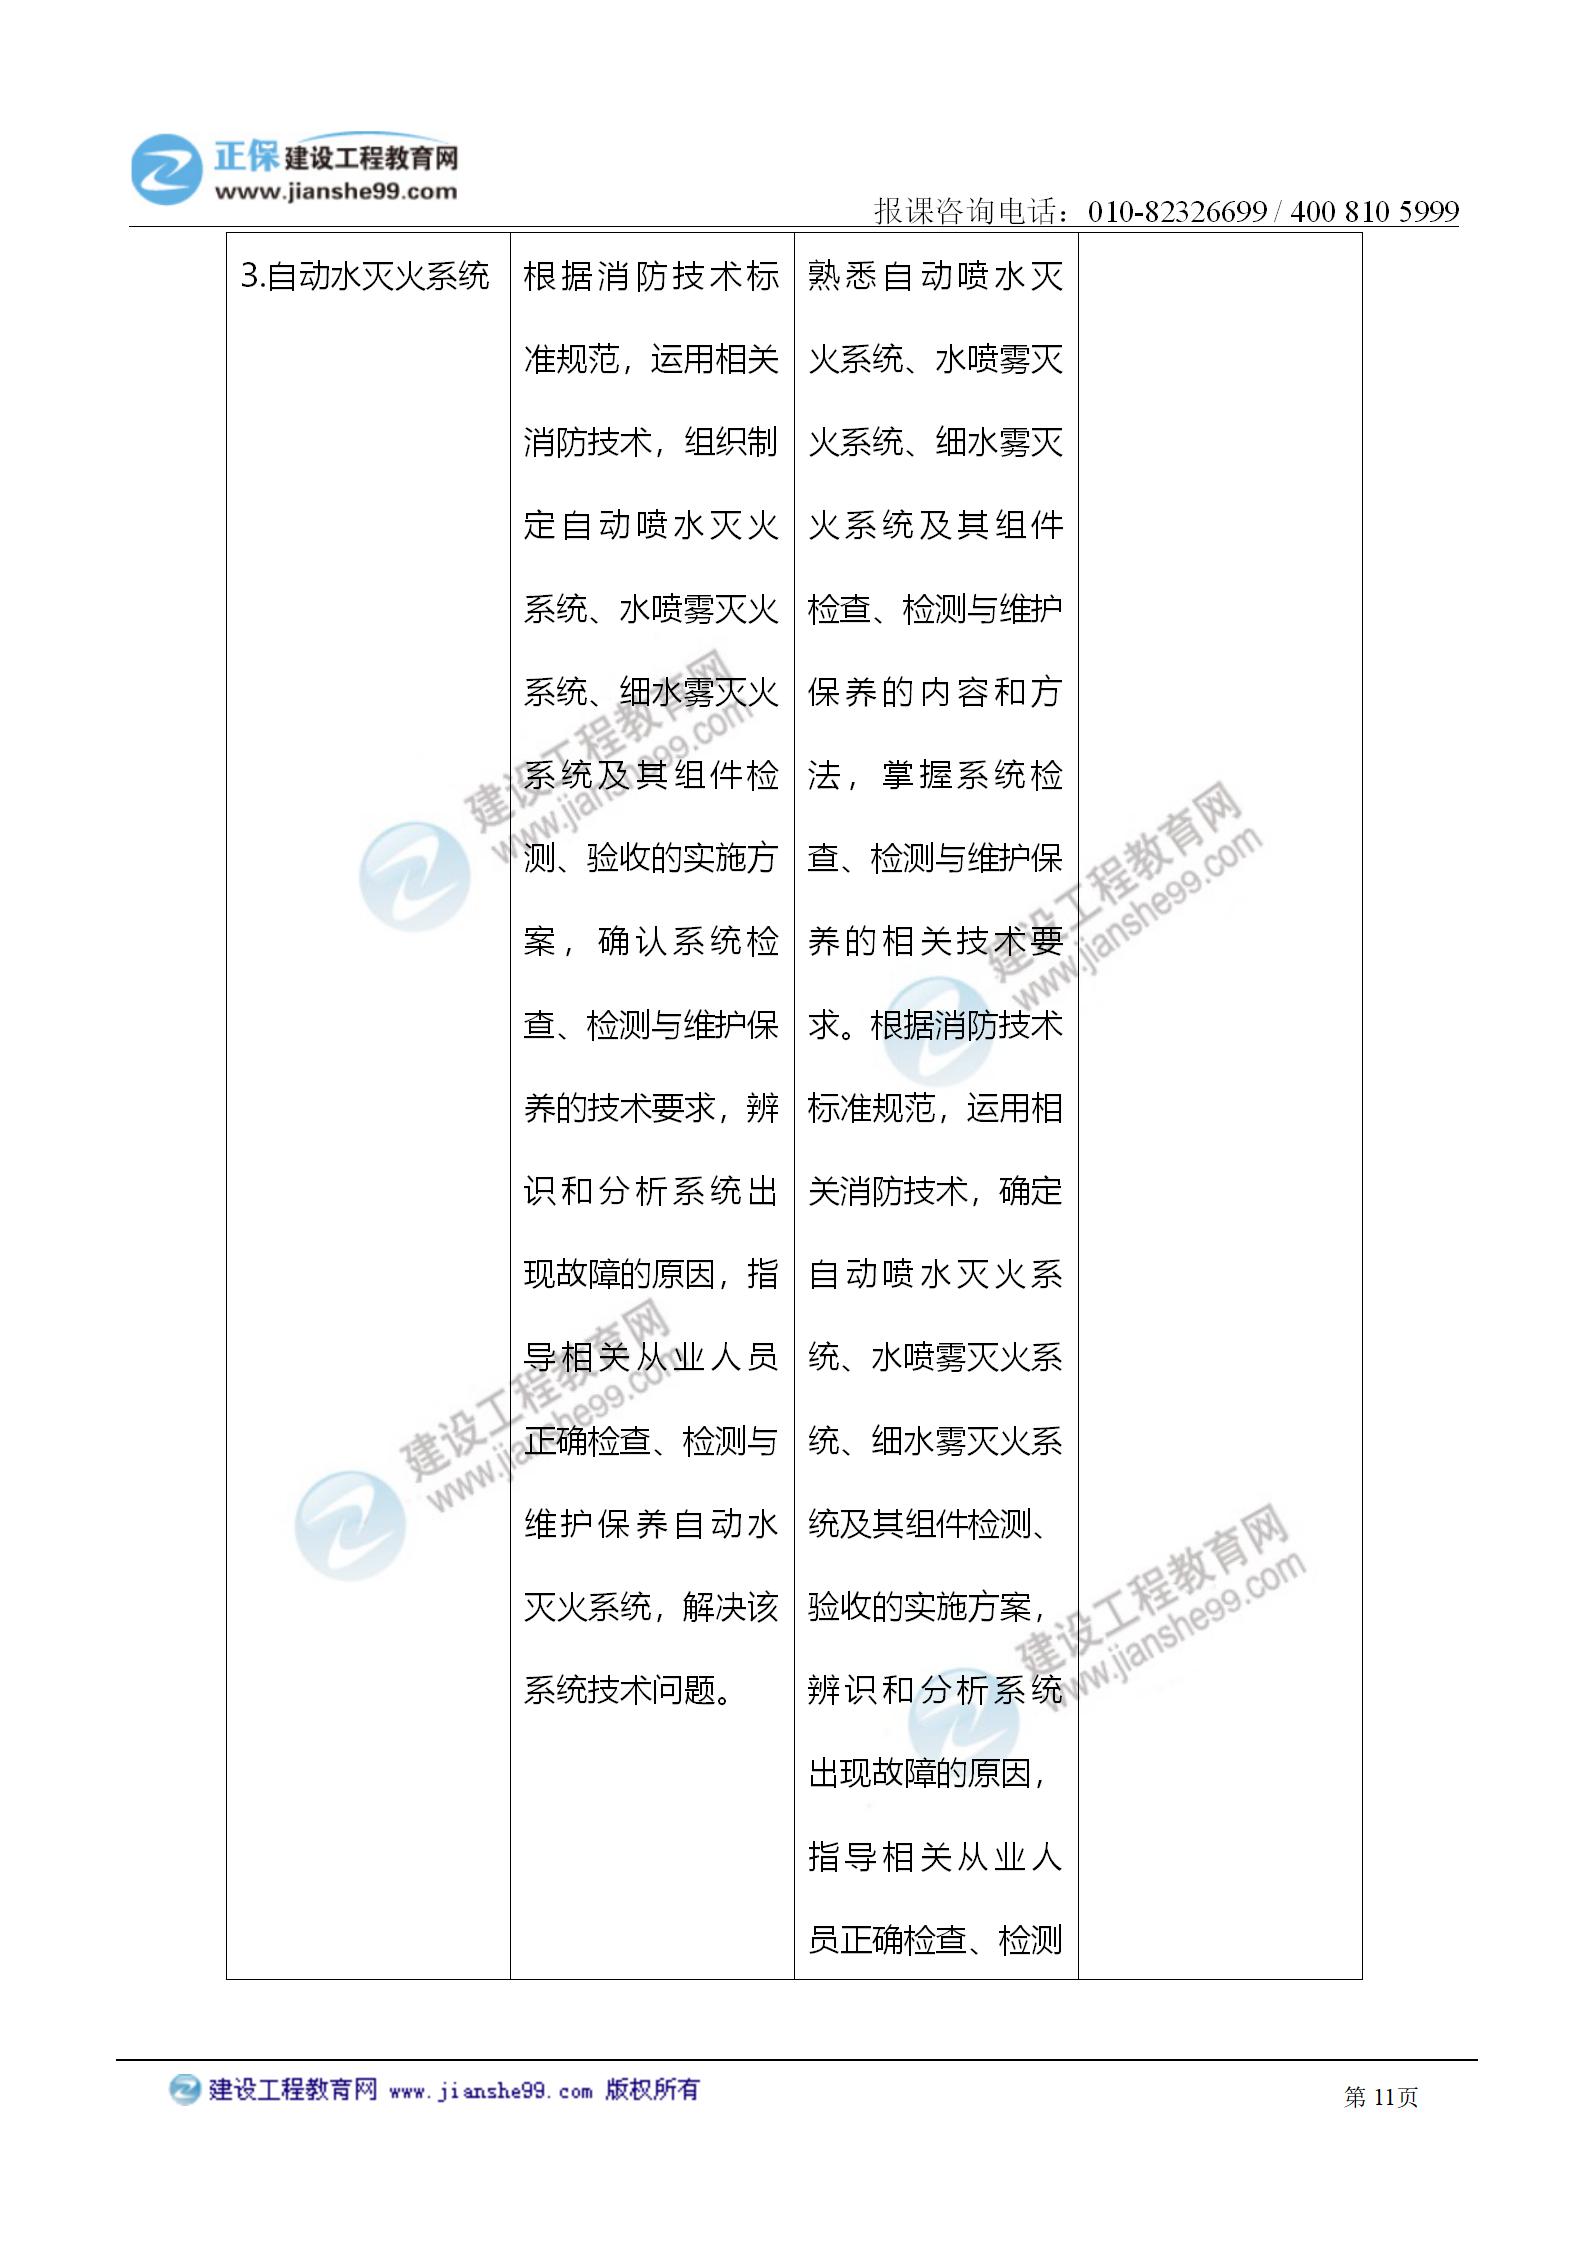 2021注册消防工程师《综合能力》考试大纲变化情况_11